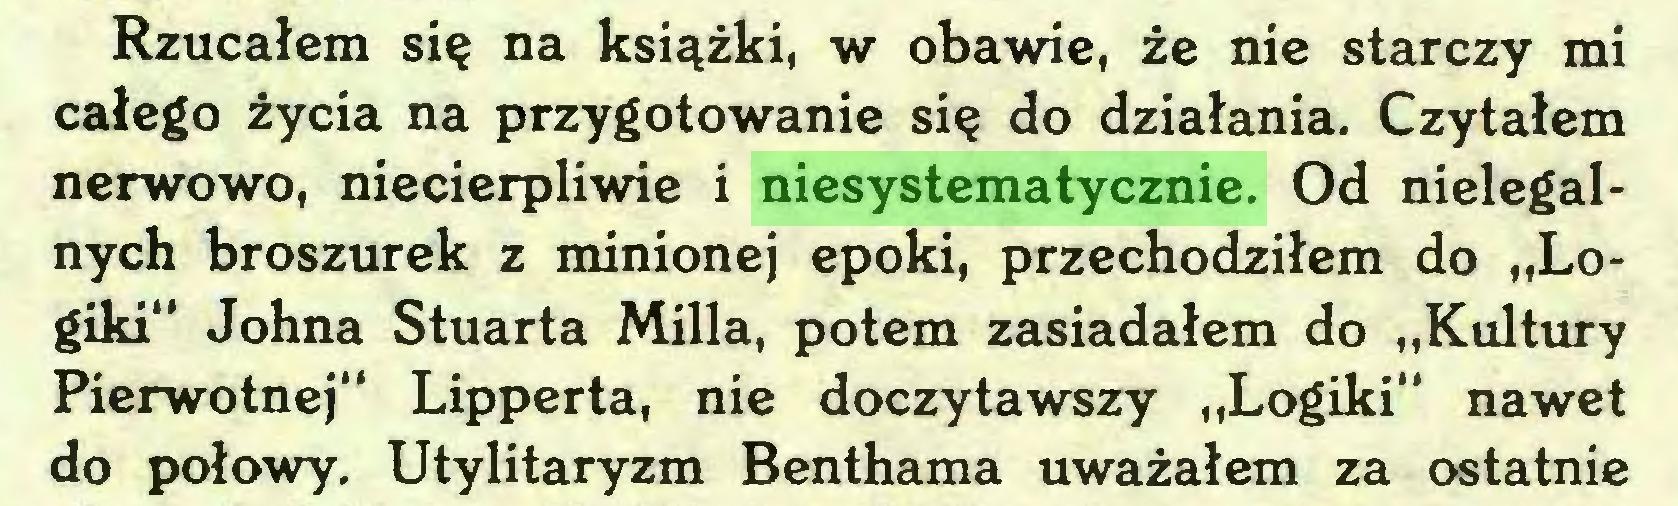 """(...) Rzucałem się na książki, w obawie, że nie starczy mi całego życia na przygotowanie się do działania. Czytałem nerwowo, niecierpliwie i niesystematycznie. Od nielegalnych broszurek z minionej epoki, przechodziłem do """"Logiki"""" Johna Stuarta Milla, potem zasiadałem do """"Kultury Pierwotnej"""" Lipperta, nie doczytawszy """"Logiki"""" nawet do połowy. Utylitaryzm Benthama uważałem za ostatnie..."""